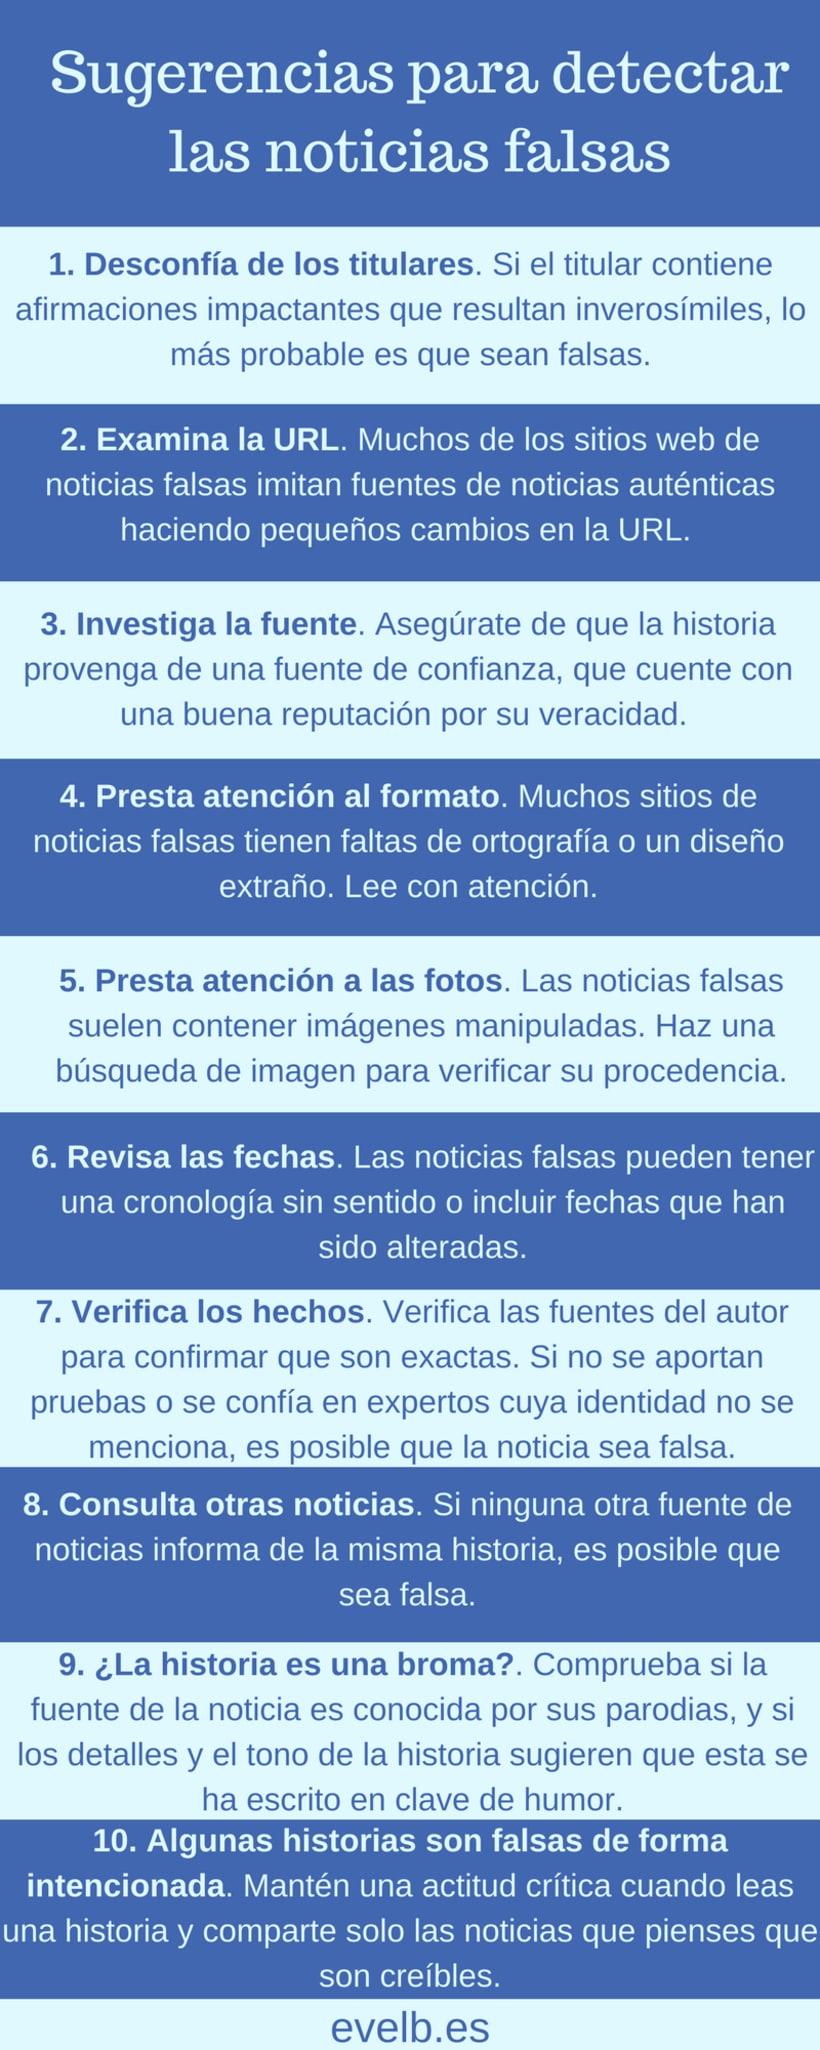 Infografías evelb.es 50